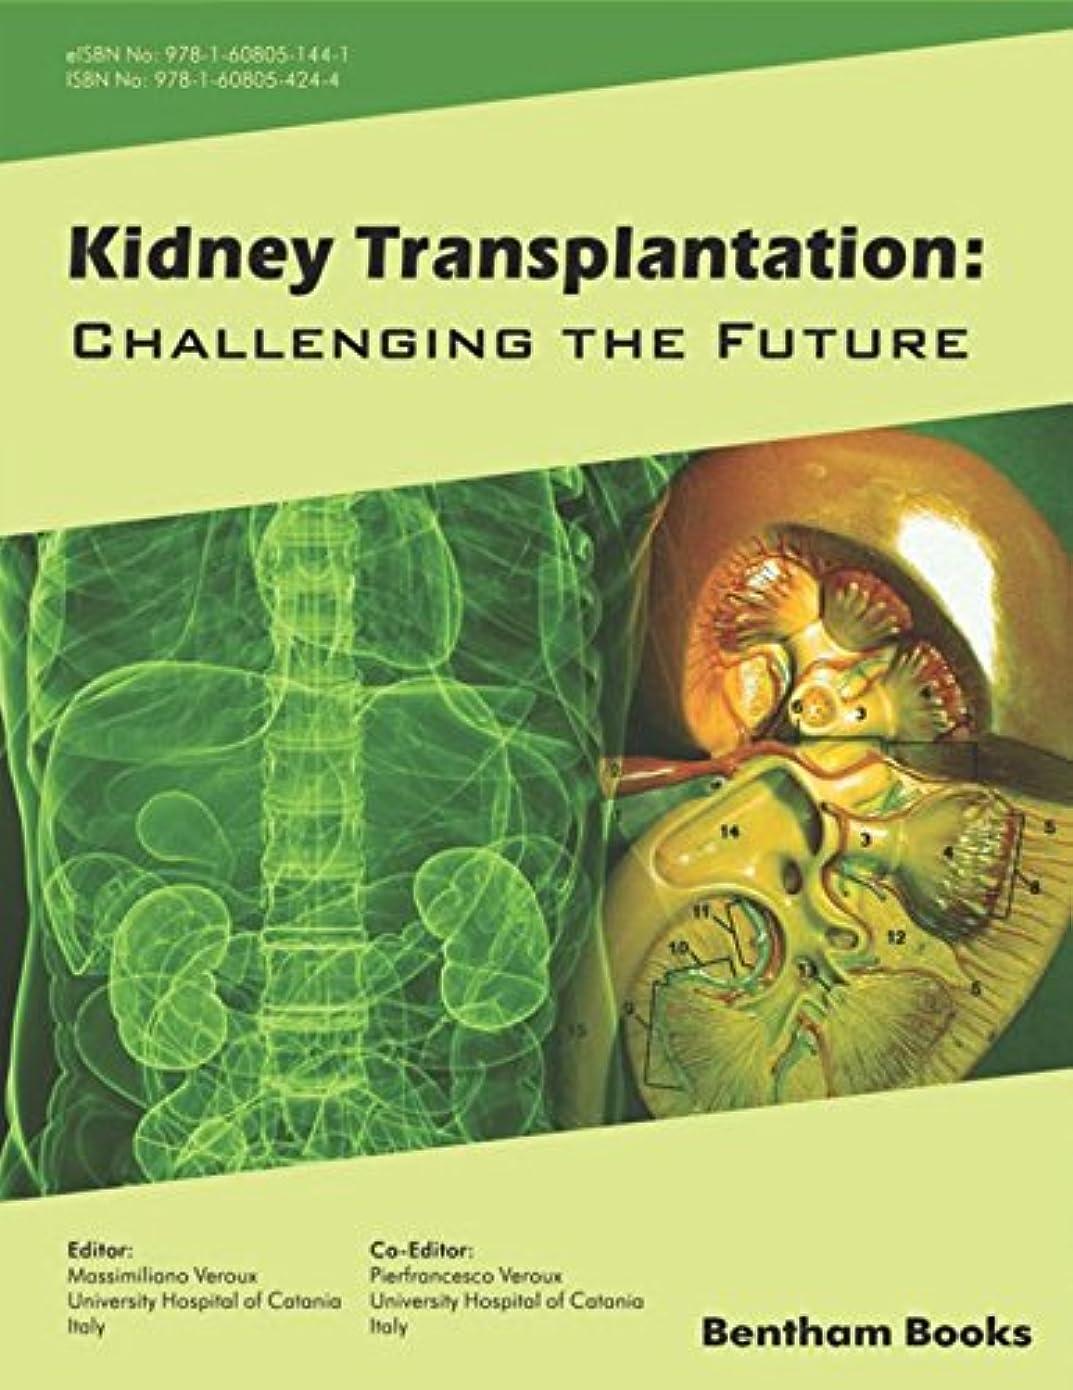 土器議題繕うKidney Transplantation: Challenging the Future